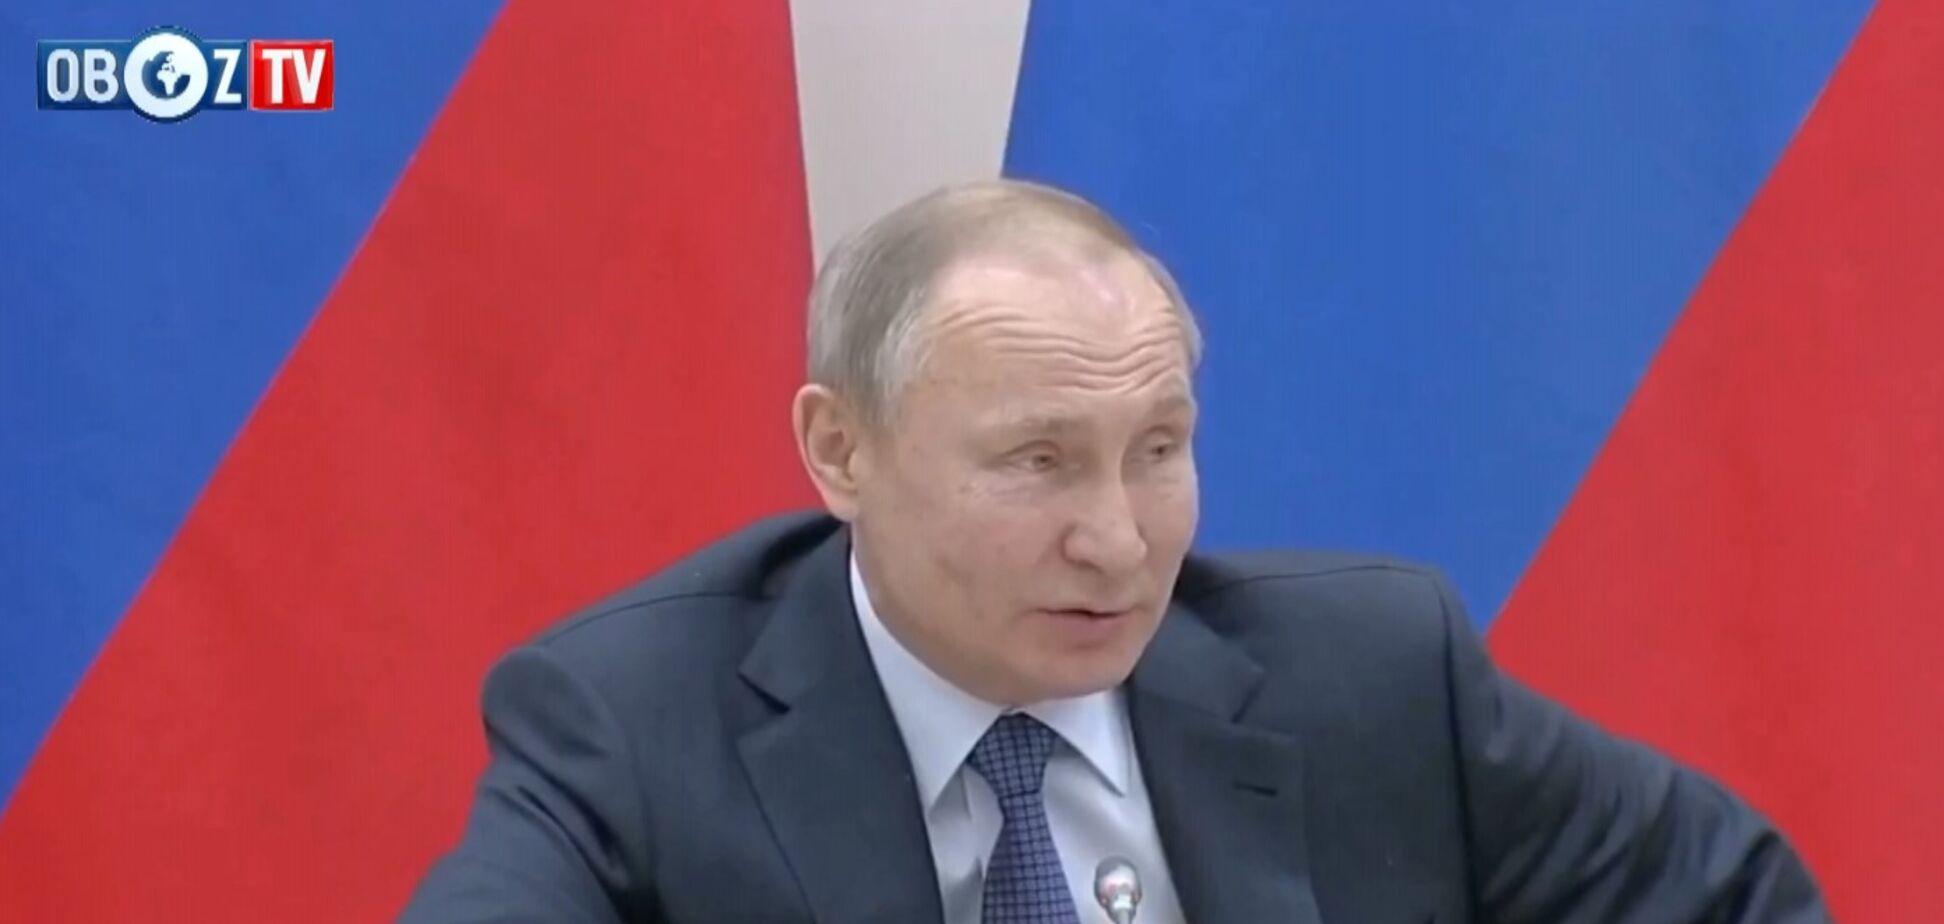 ПОРЄБРІК: Путін погрожує світові новою зброєю